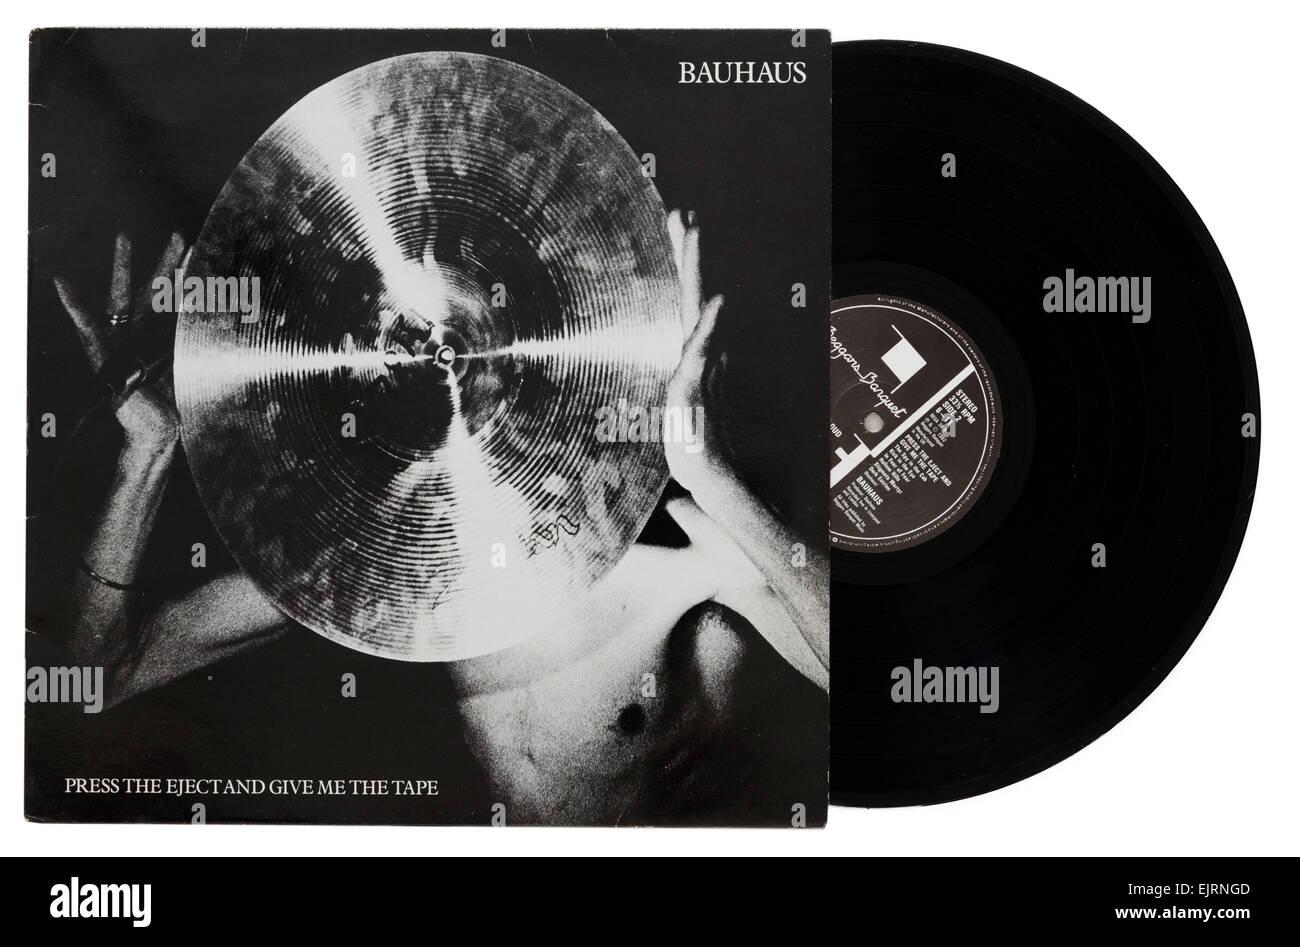 Pulse el botón de expulsión y darme la cinta album de Bauhaus Imagen De Stock